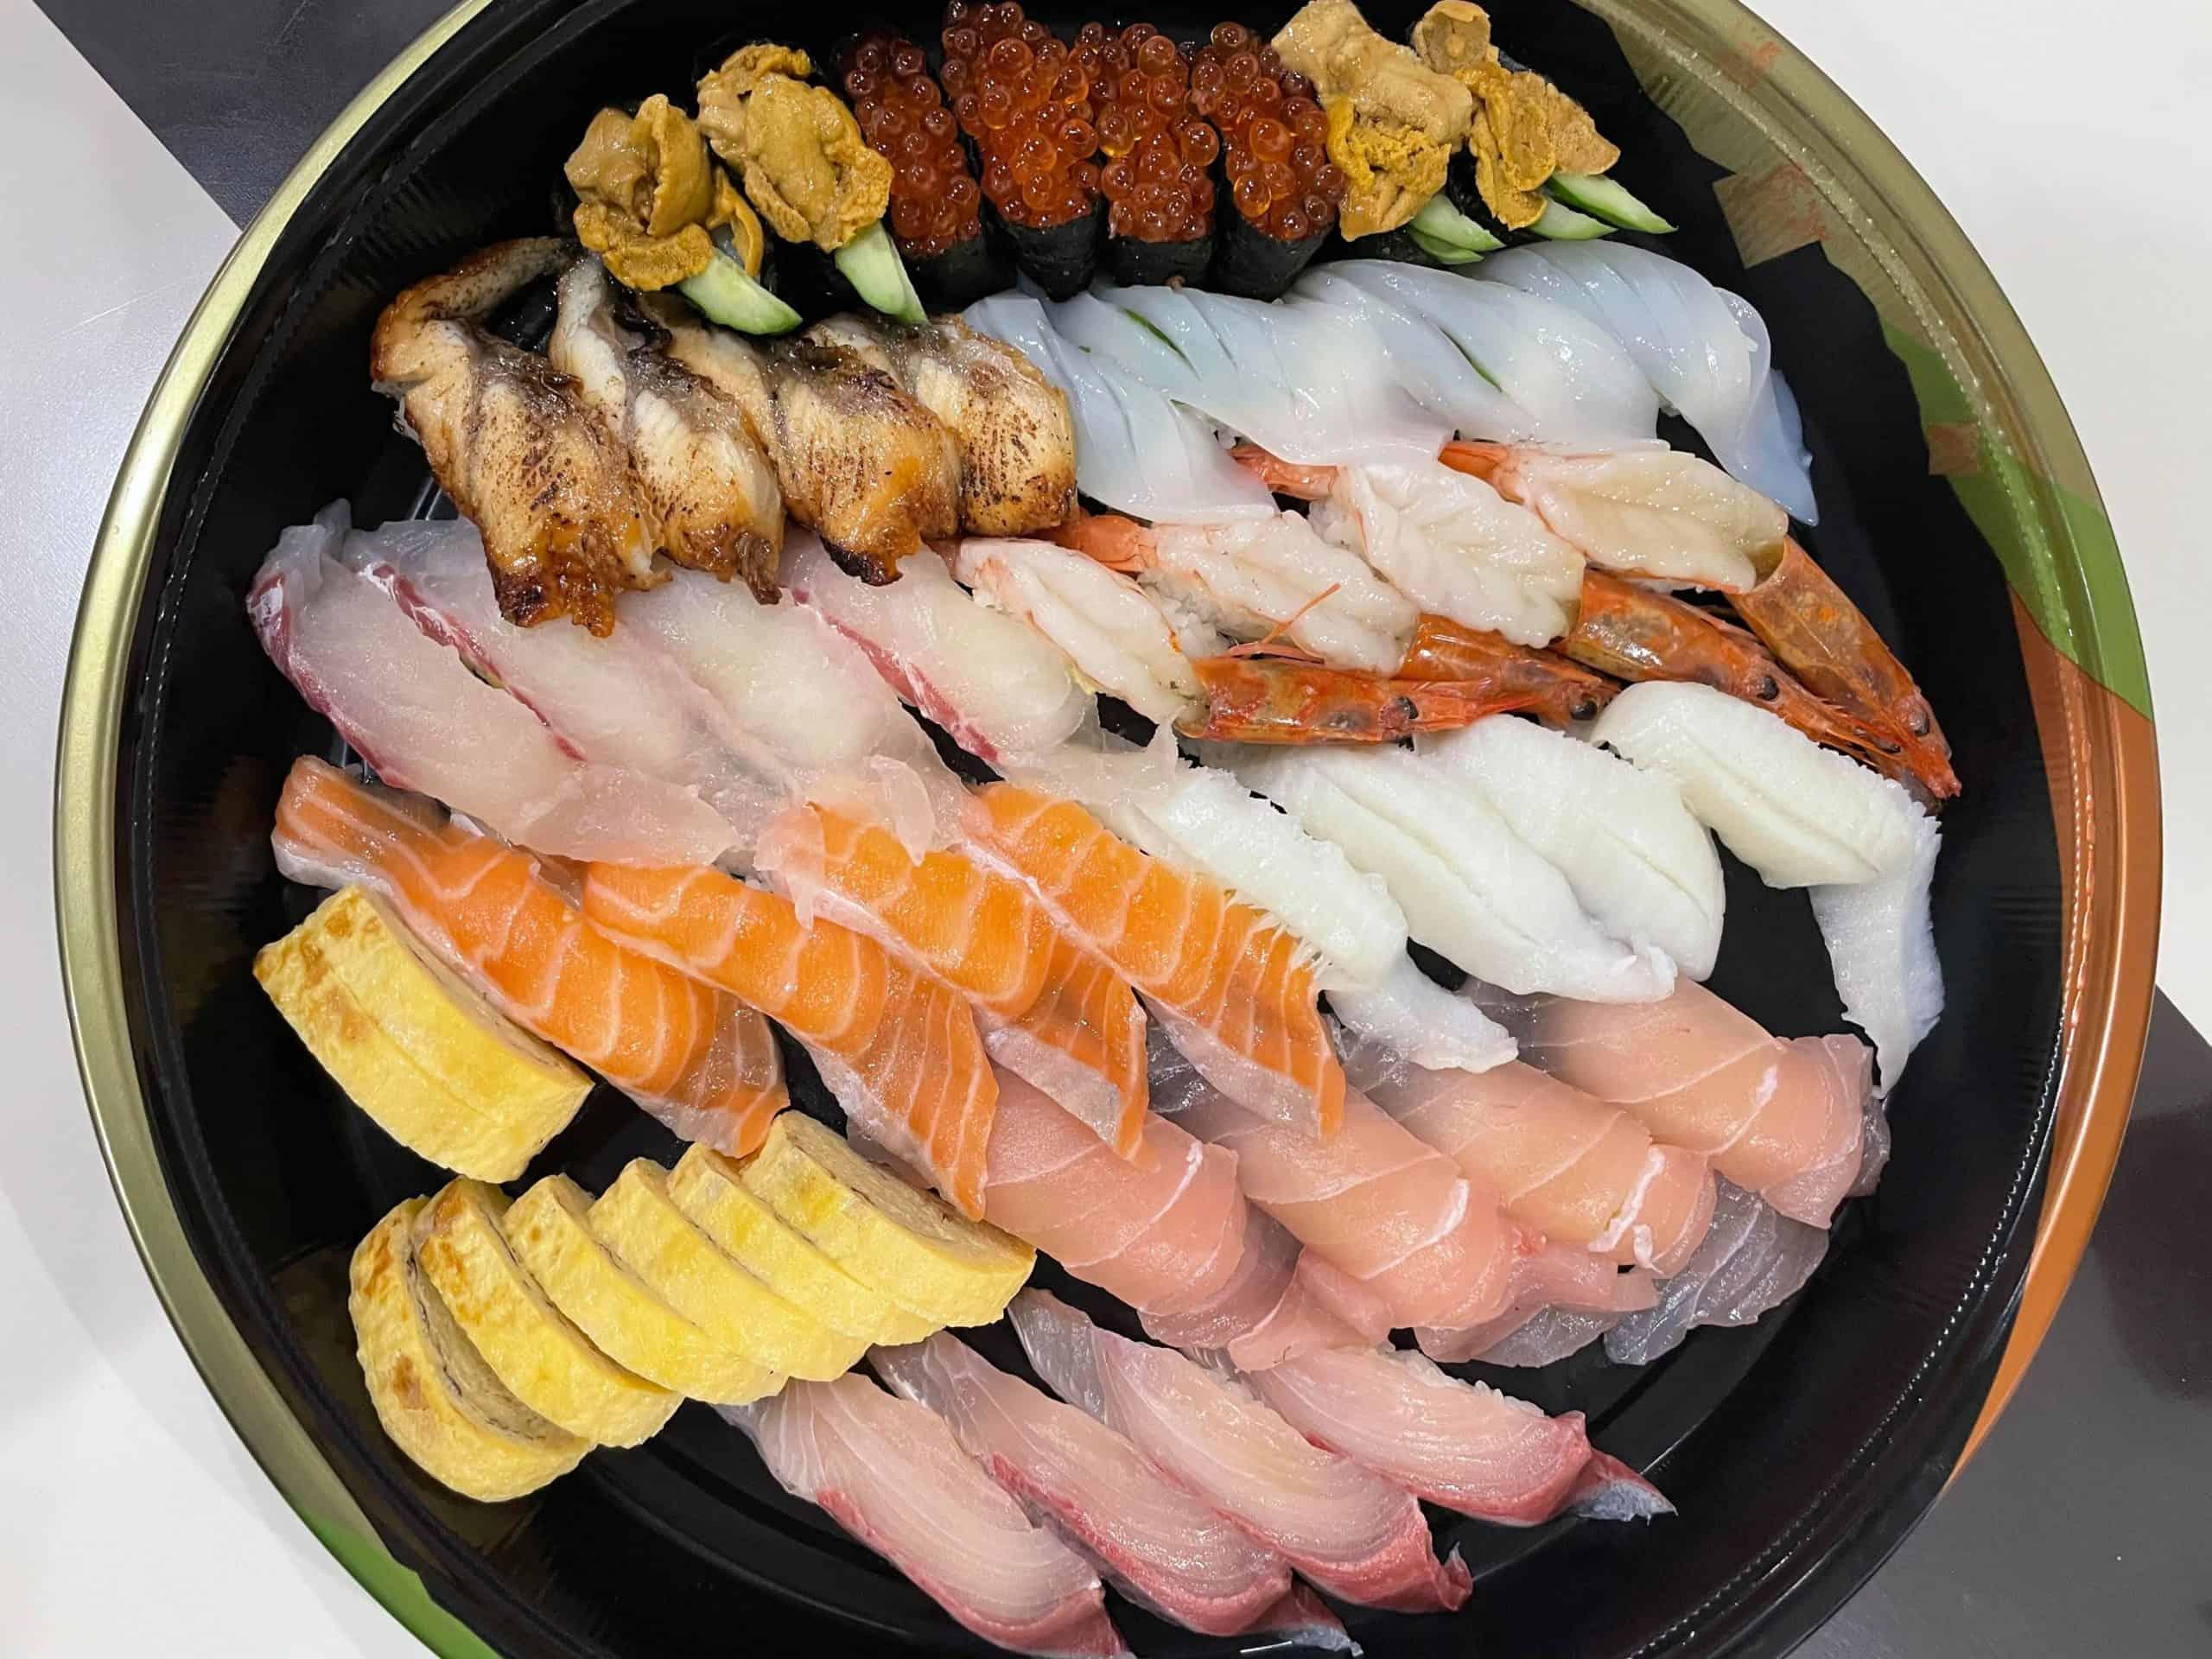 【オジケーション#2】寿司!土鍋プリン!ラーメンを堪能するおじさんたち!